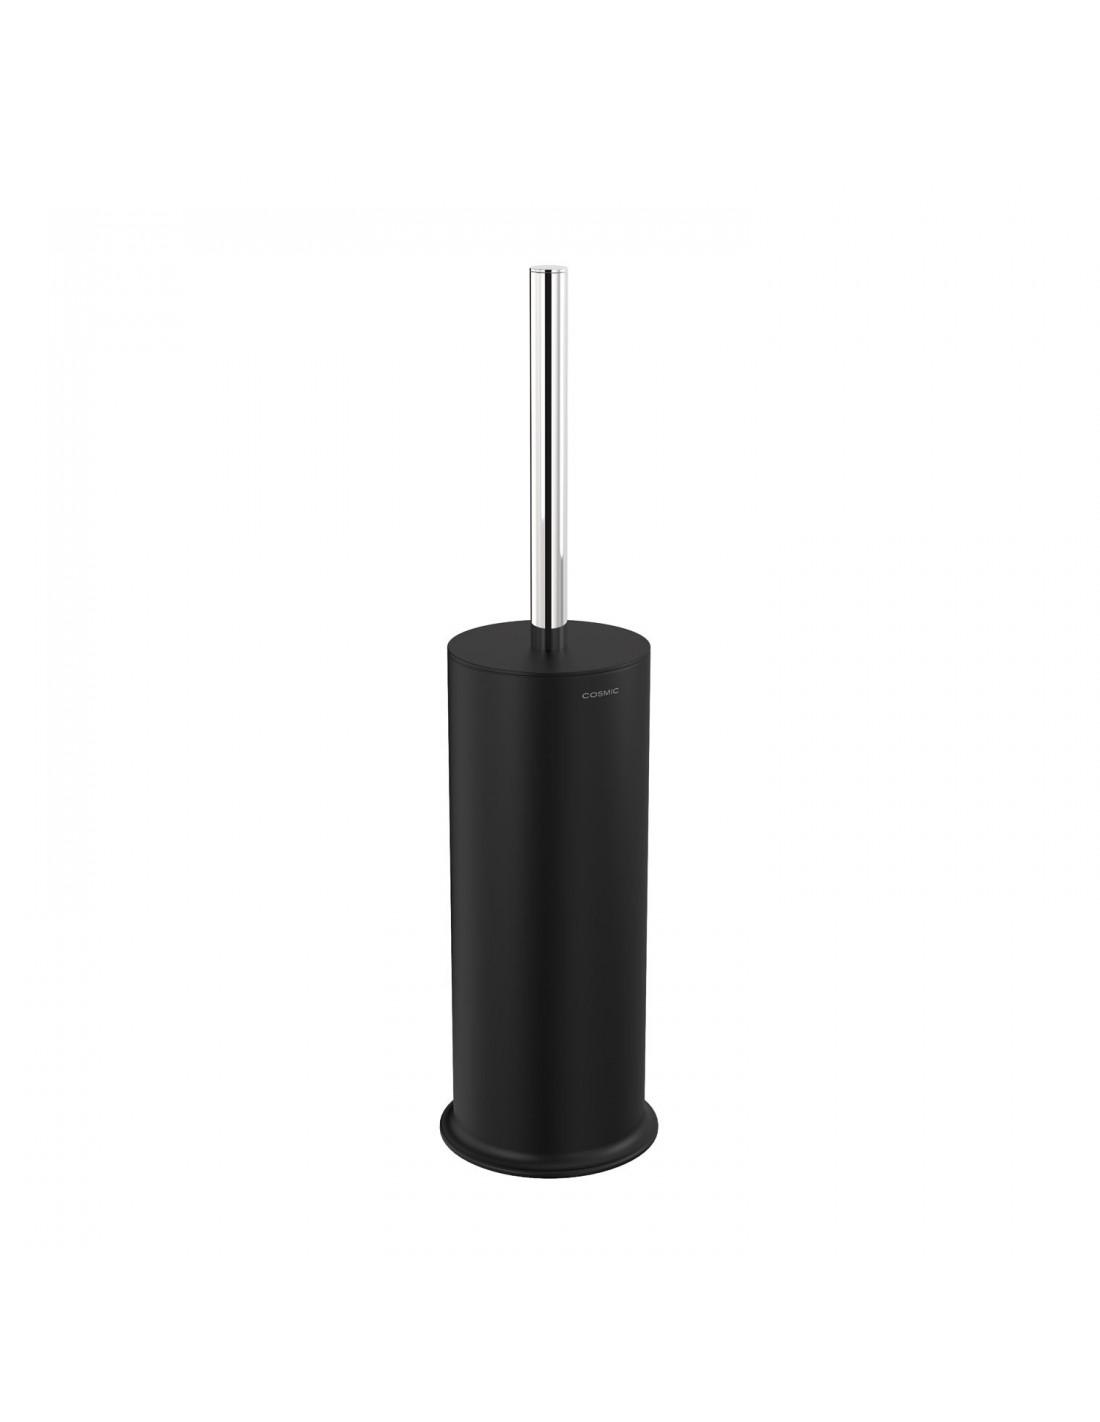 Porte rouleaux noir/chrome sans couvercle GEYSER  pour COSMIC